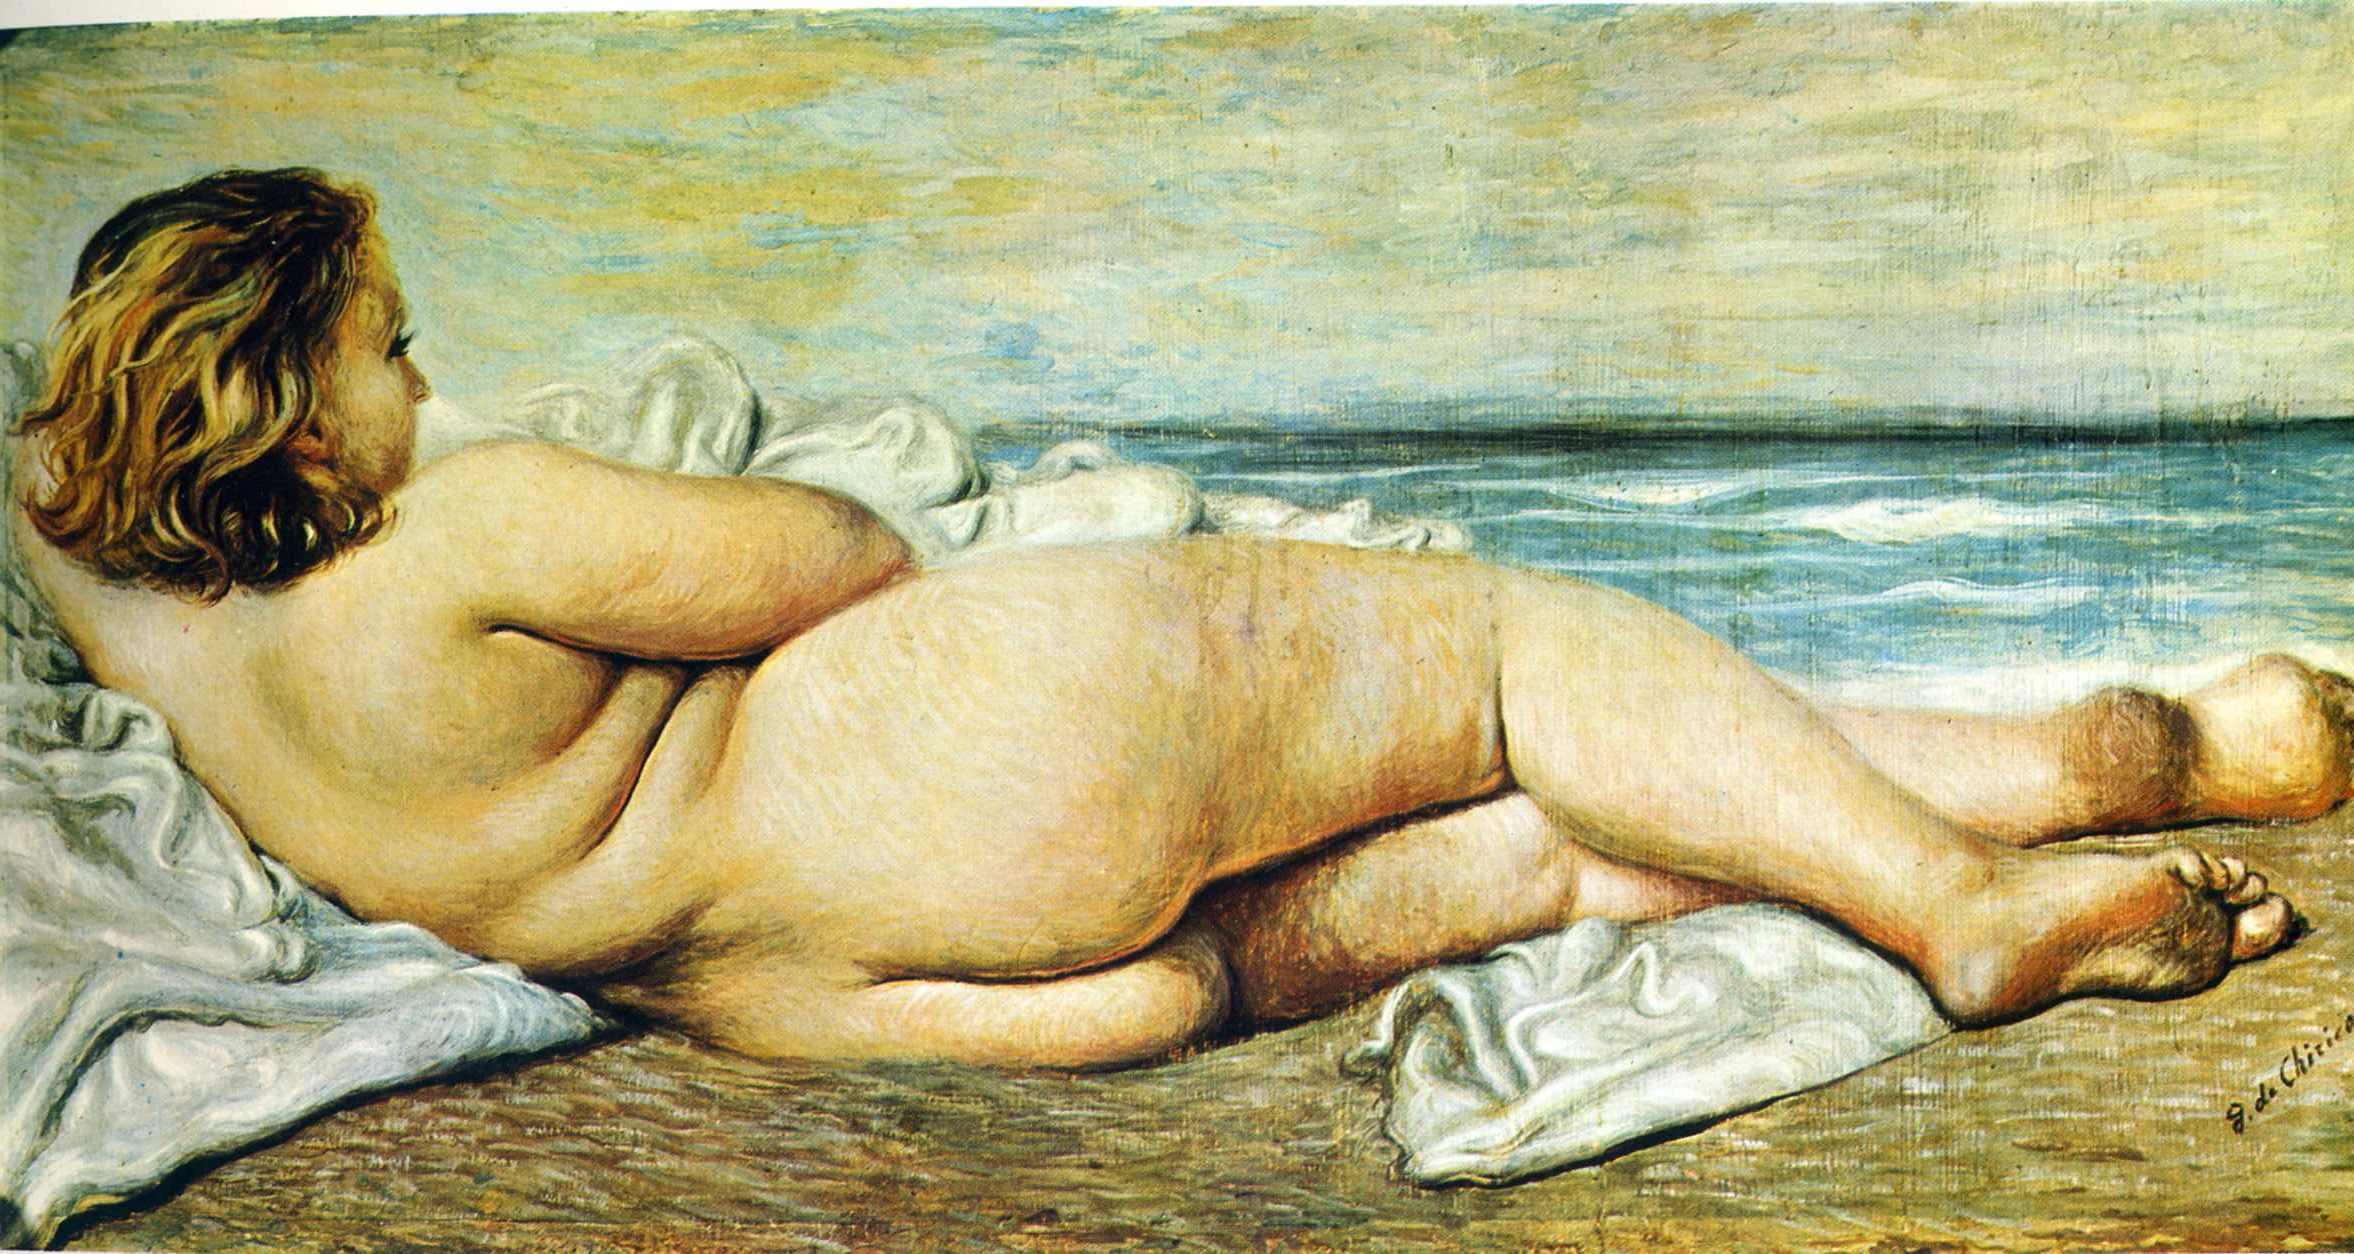 Importance of nude art in greek